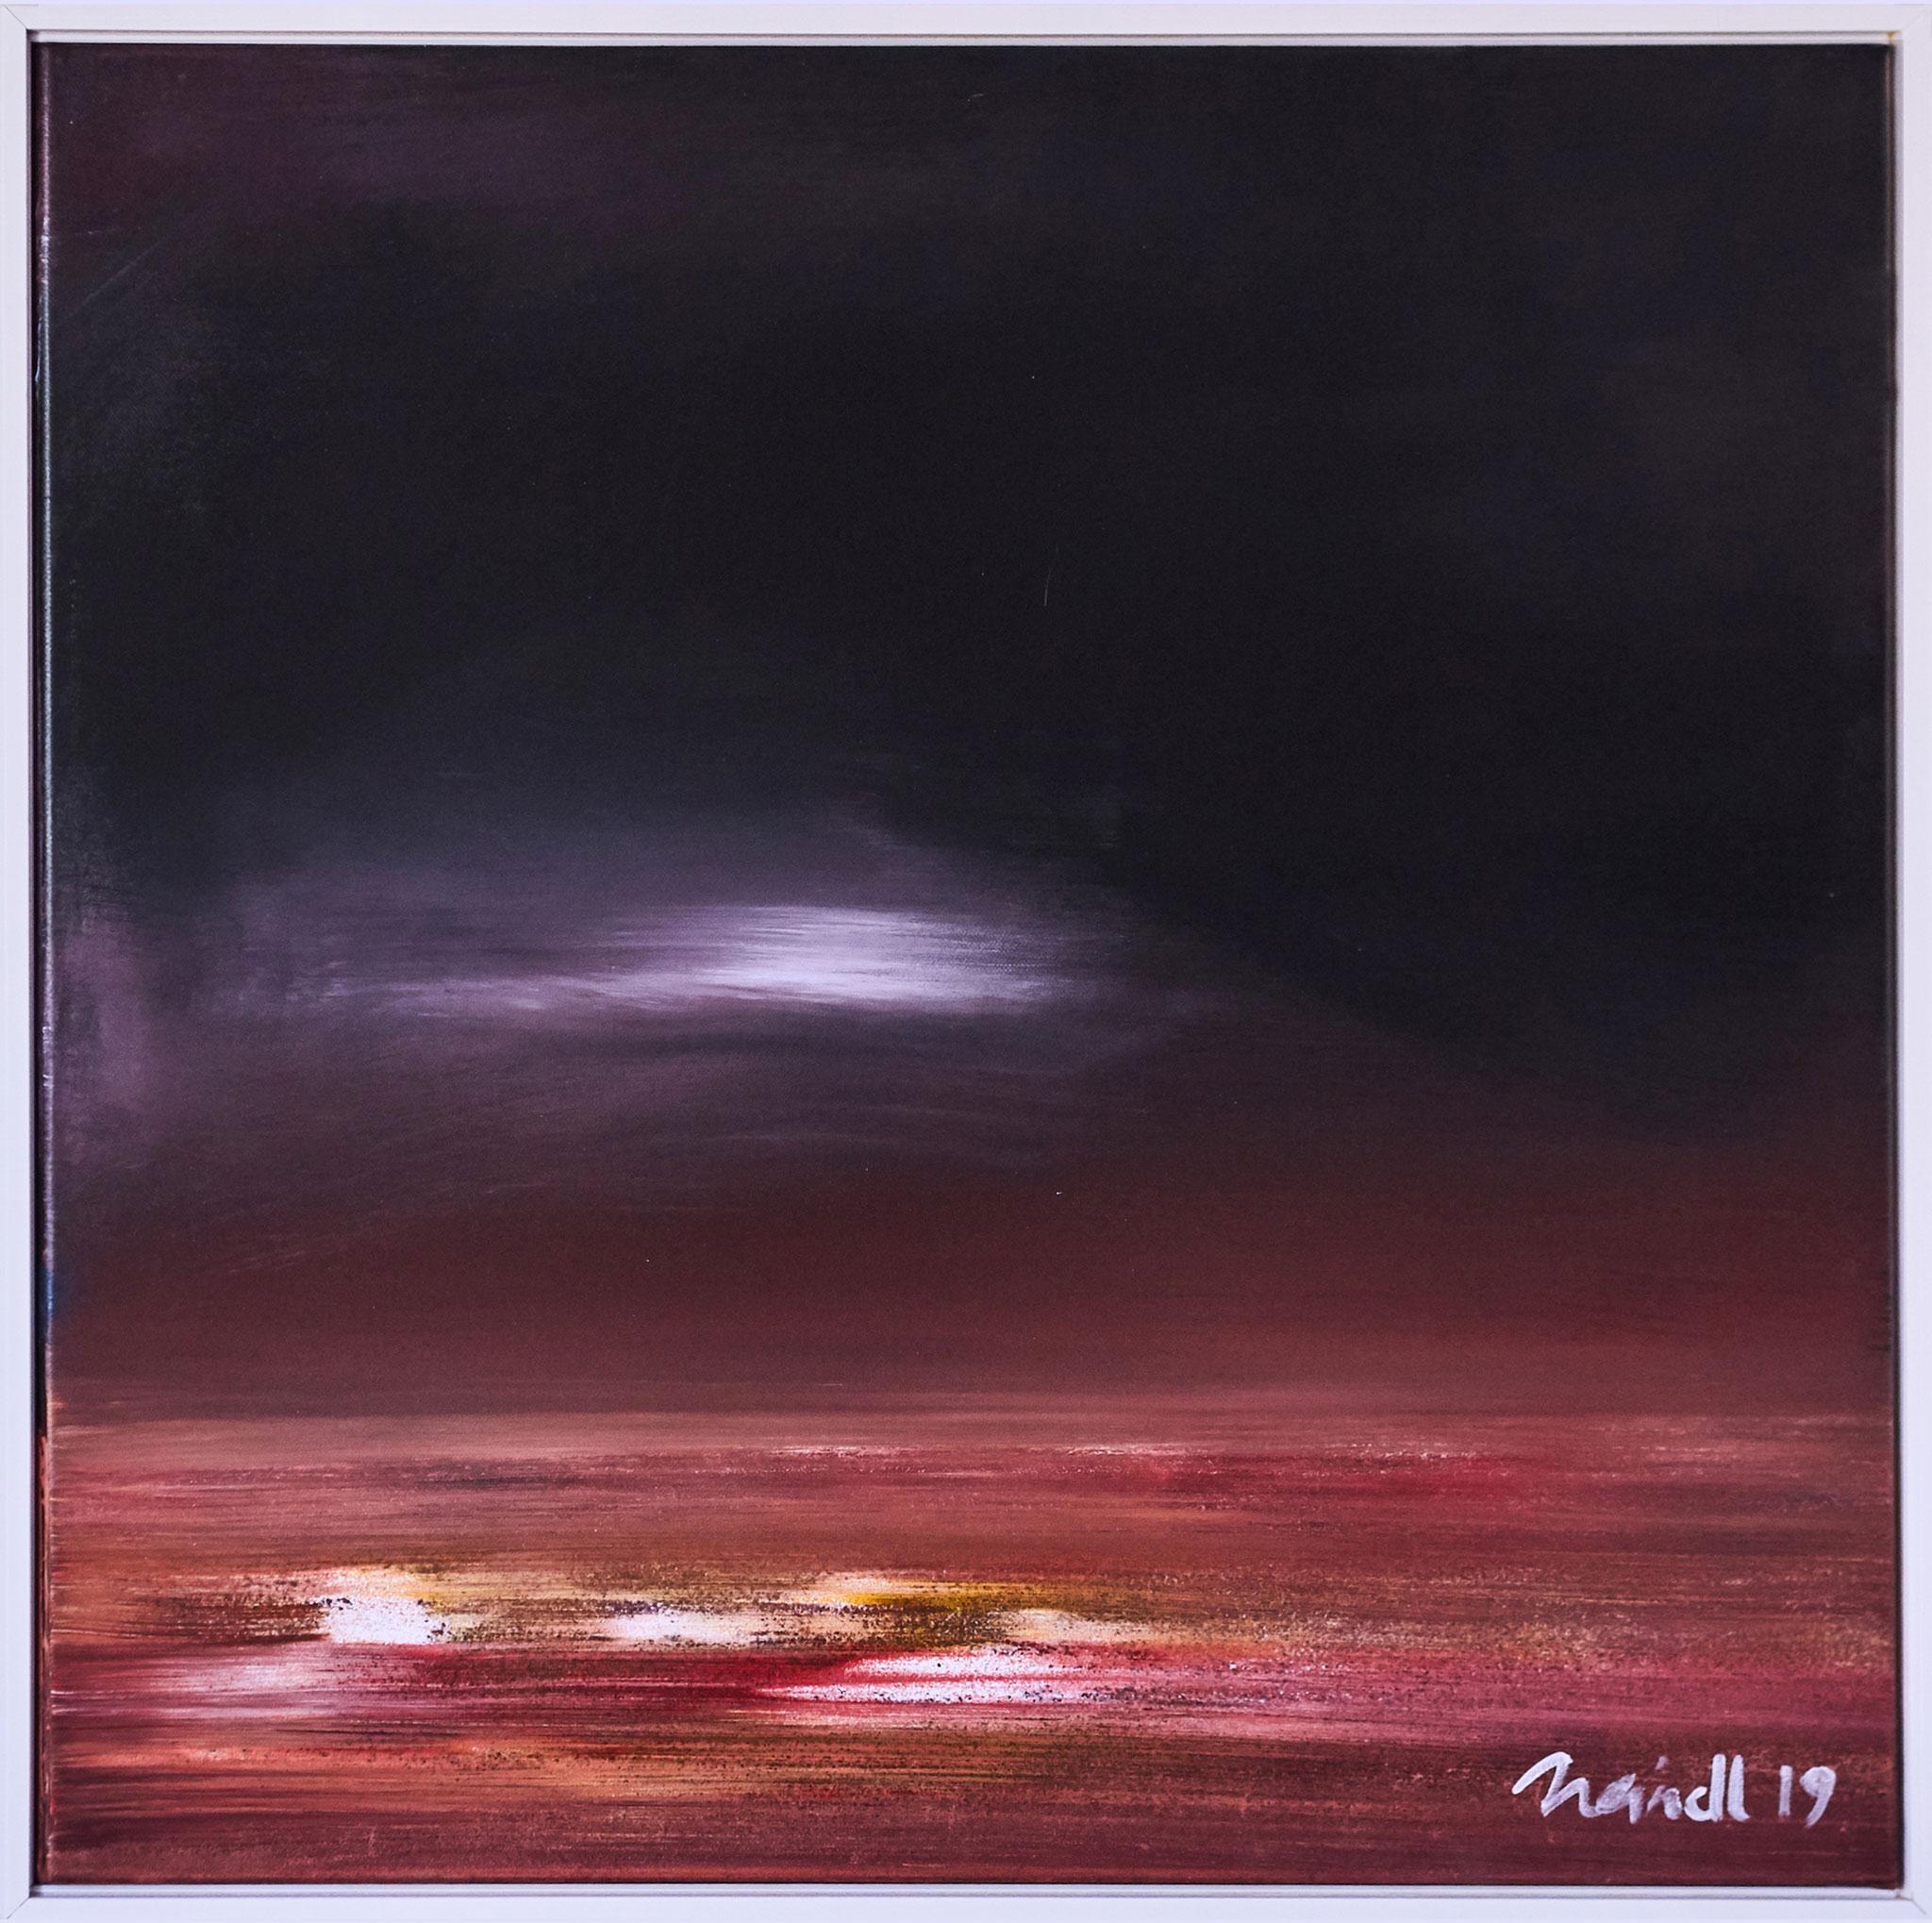 ›Mondschein‹, Acryl auf Leinwand, 73 x 73 cm, 2019